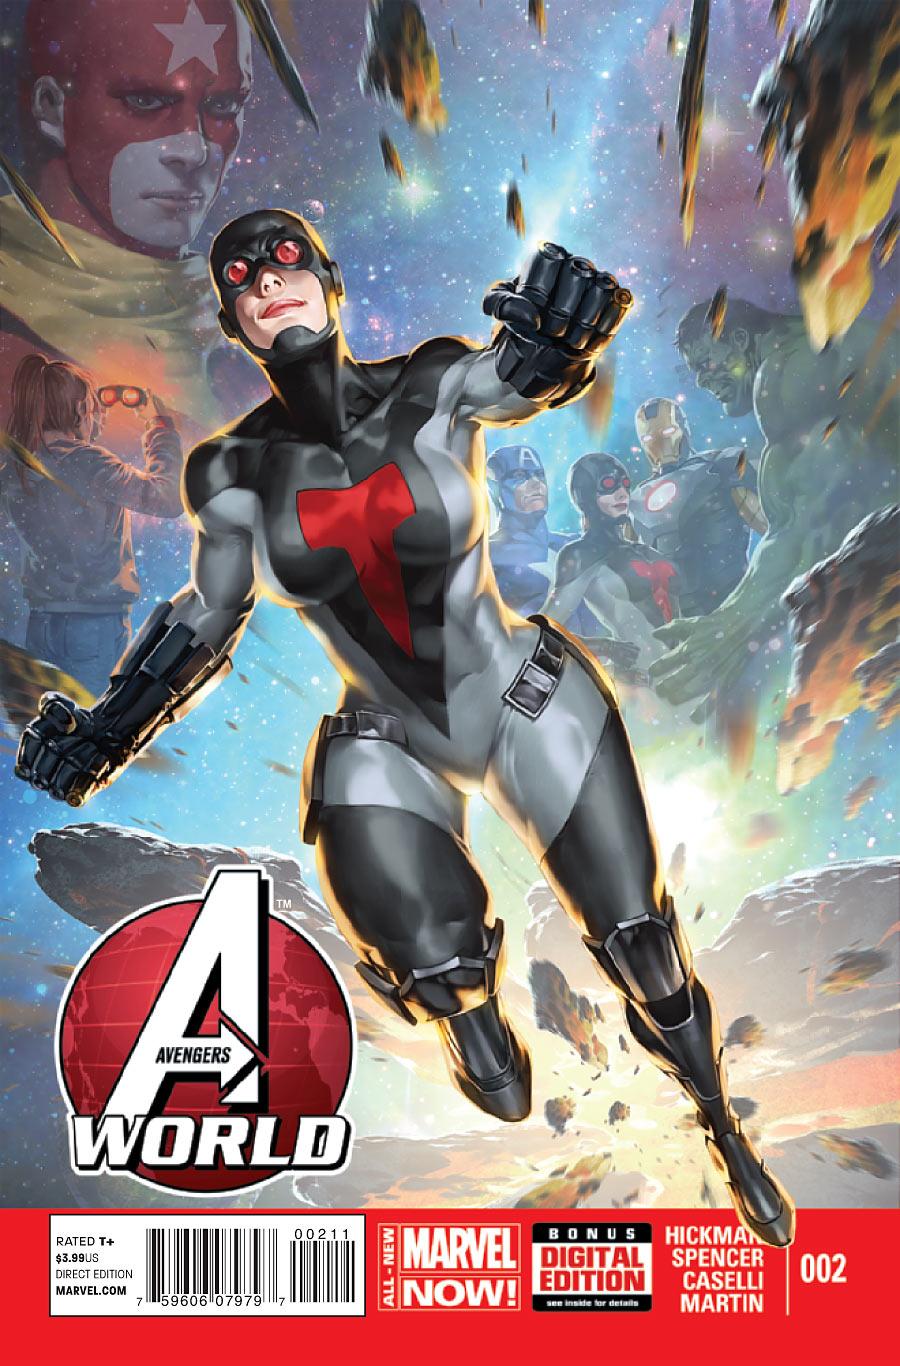 Avengers World #2